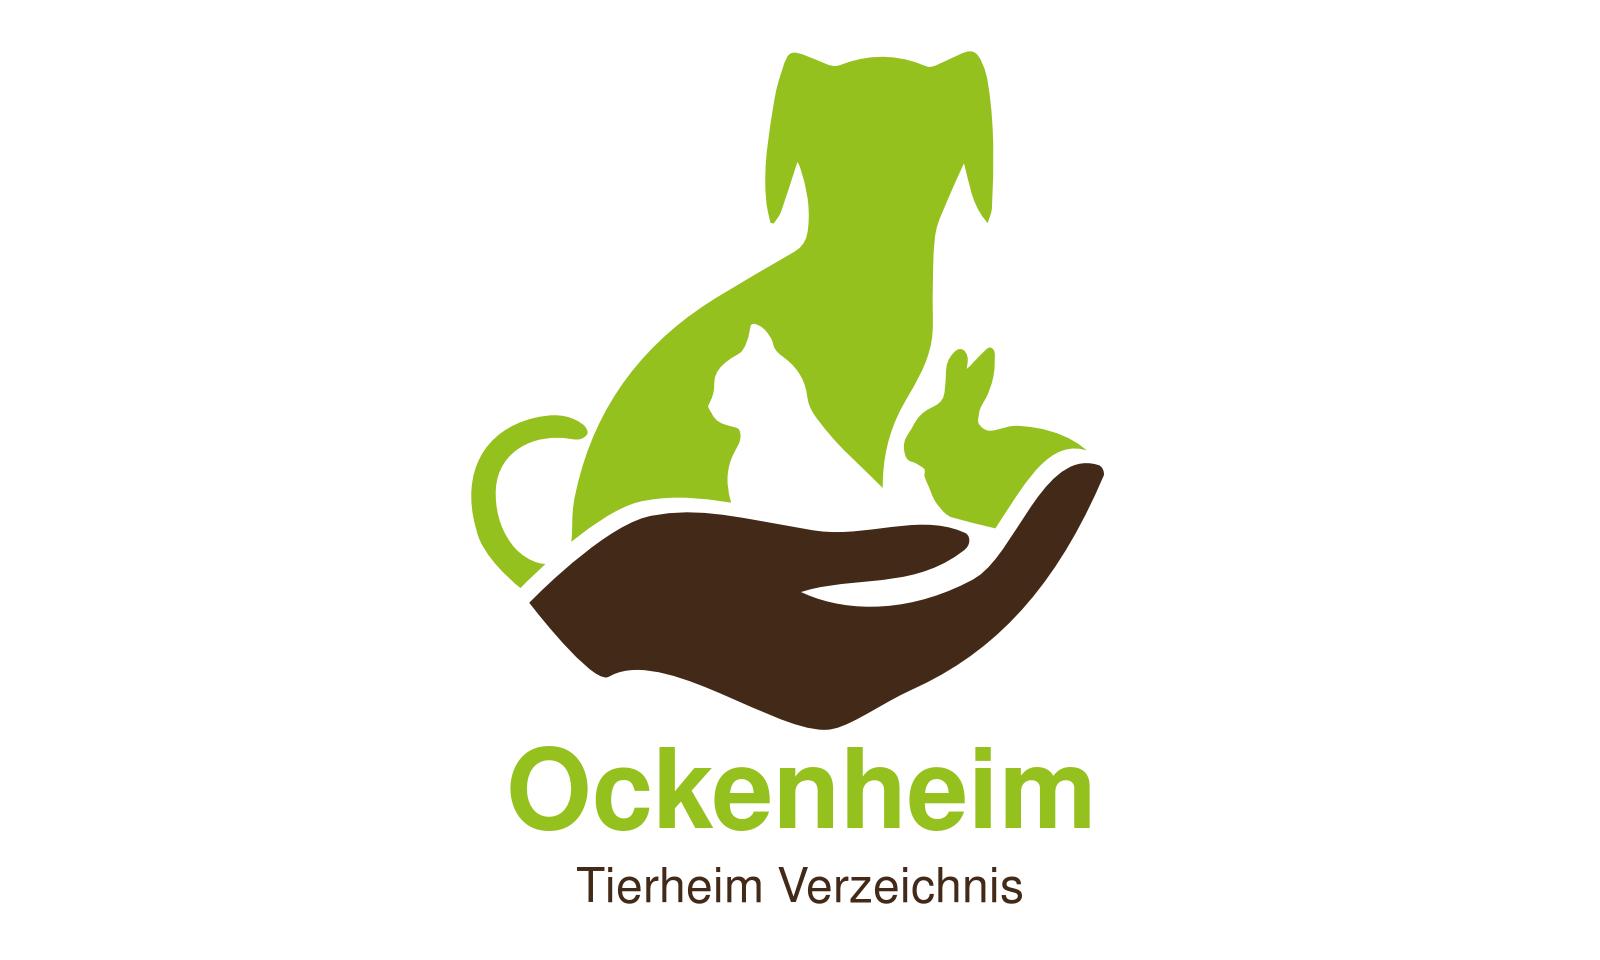 Tierheim Ockenheim